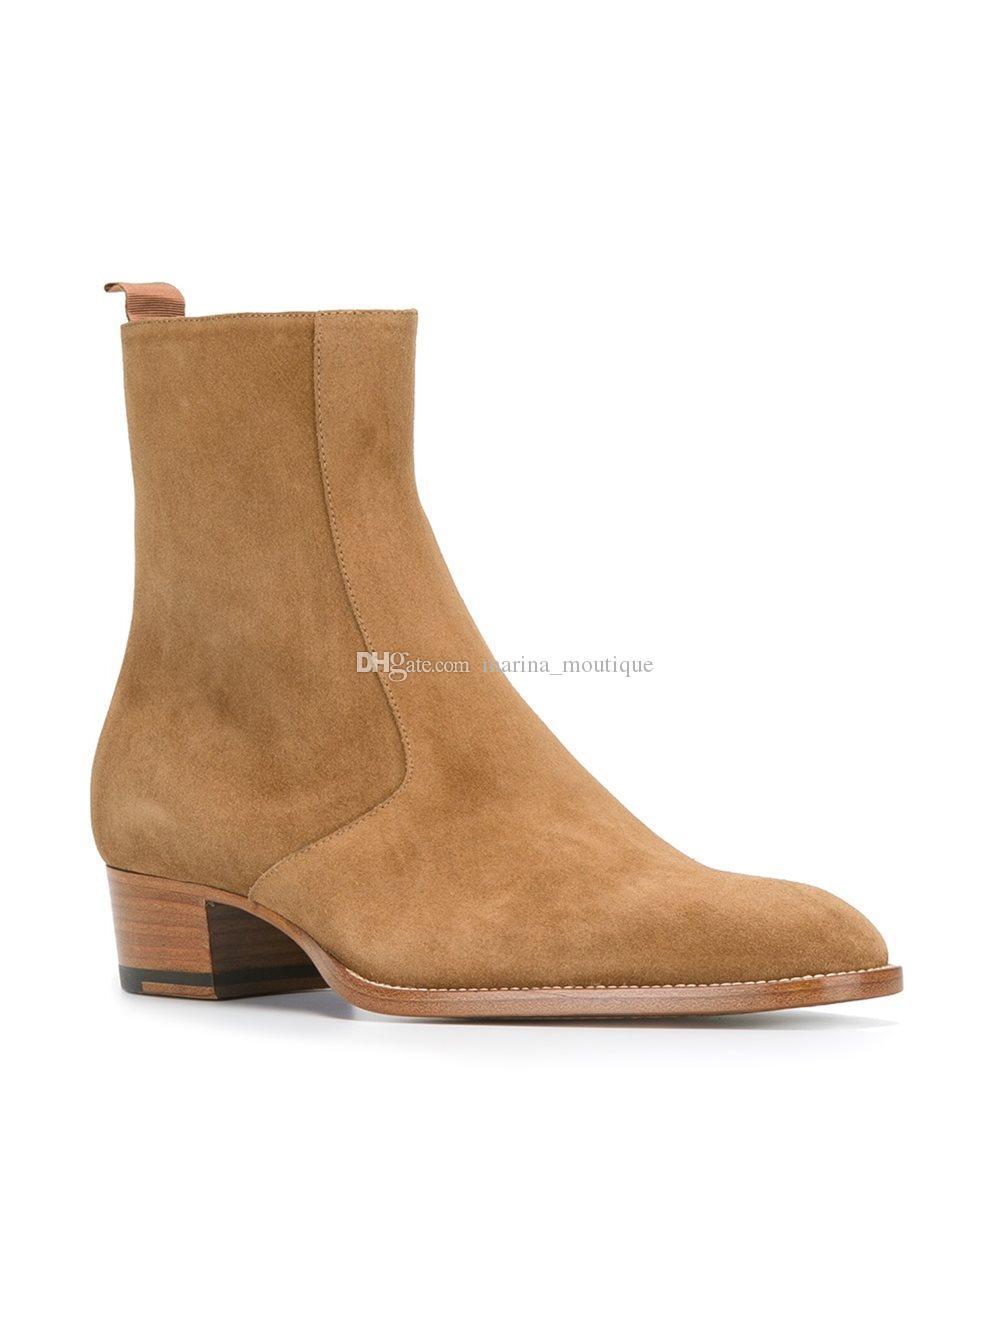 بقرة الجلد المدبوغ جلدية زيبر داخل أحذية الرجال الغربية Chelse الجوارب الشتوية